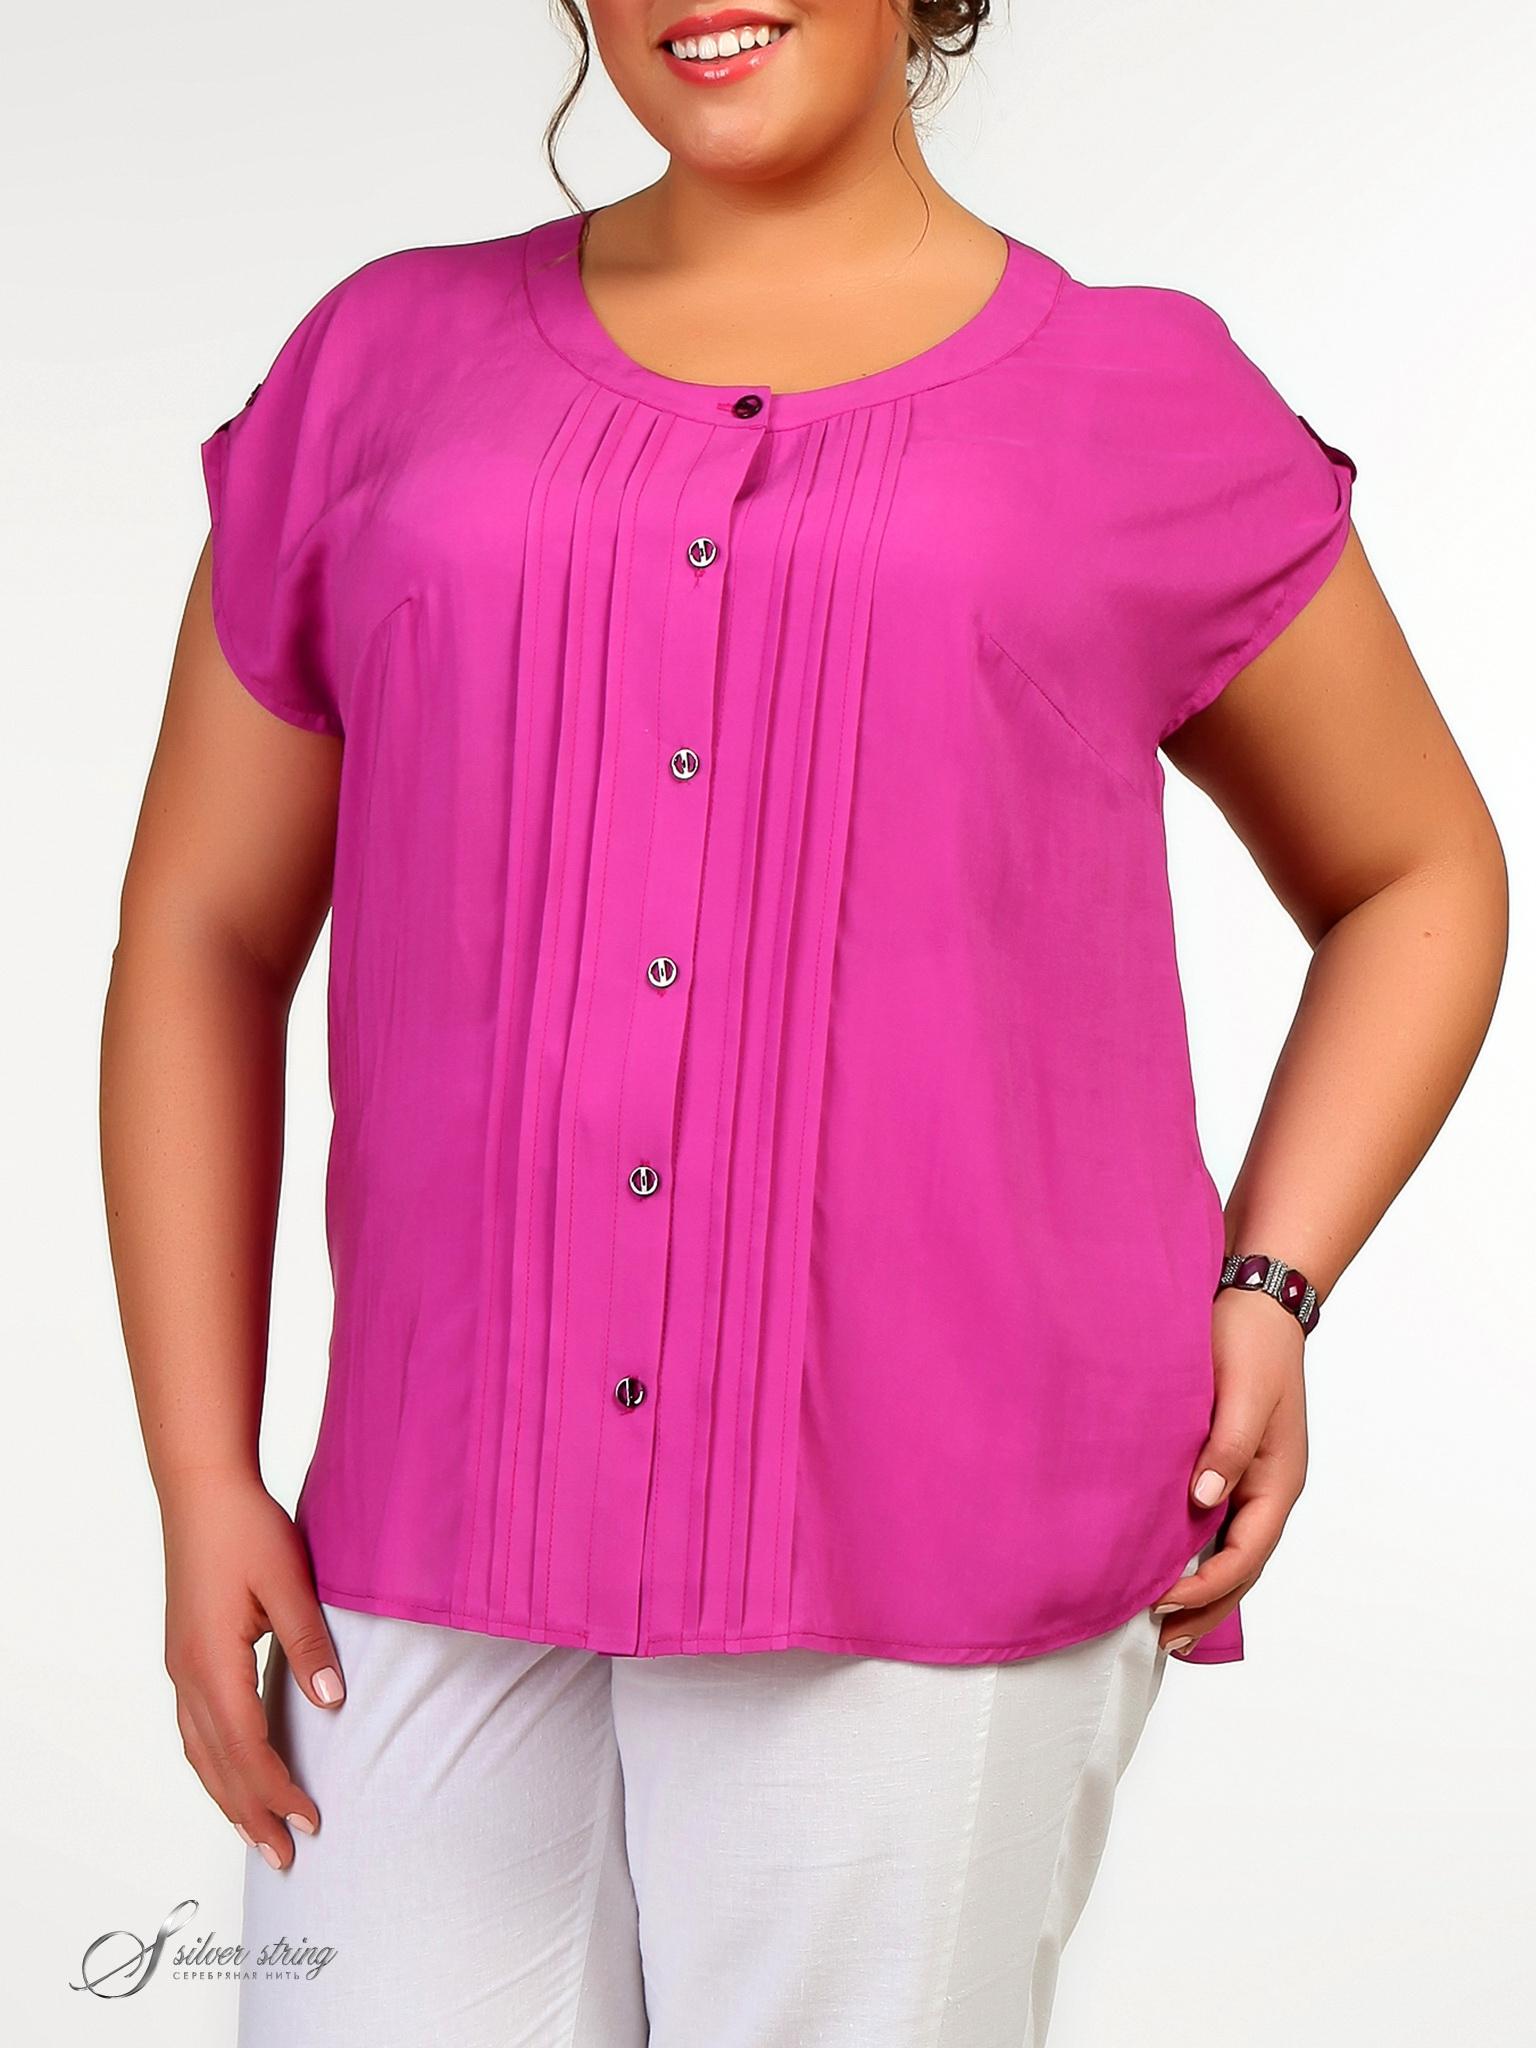 Купить Блузку 54 Размера С Доставкой